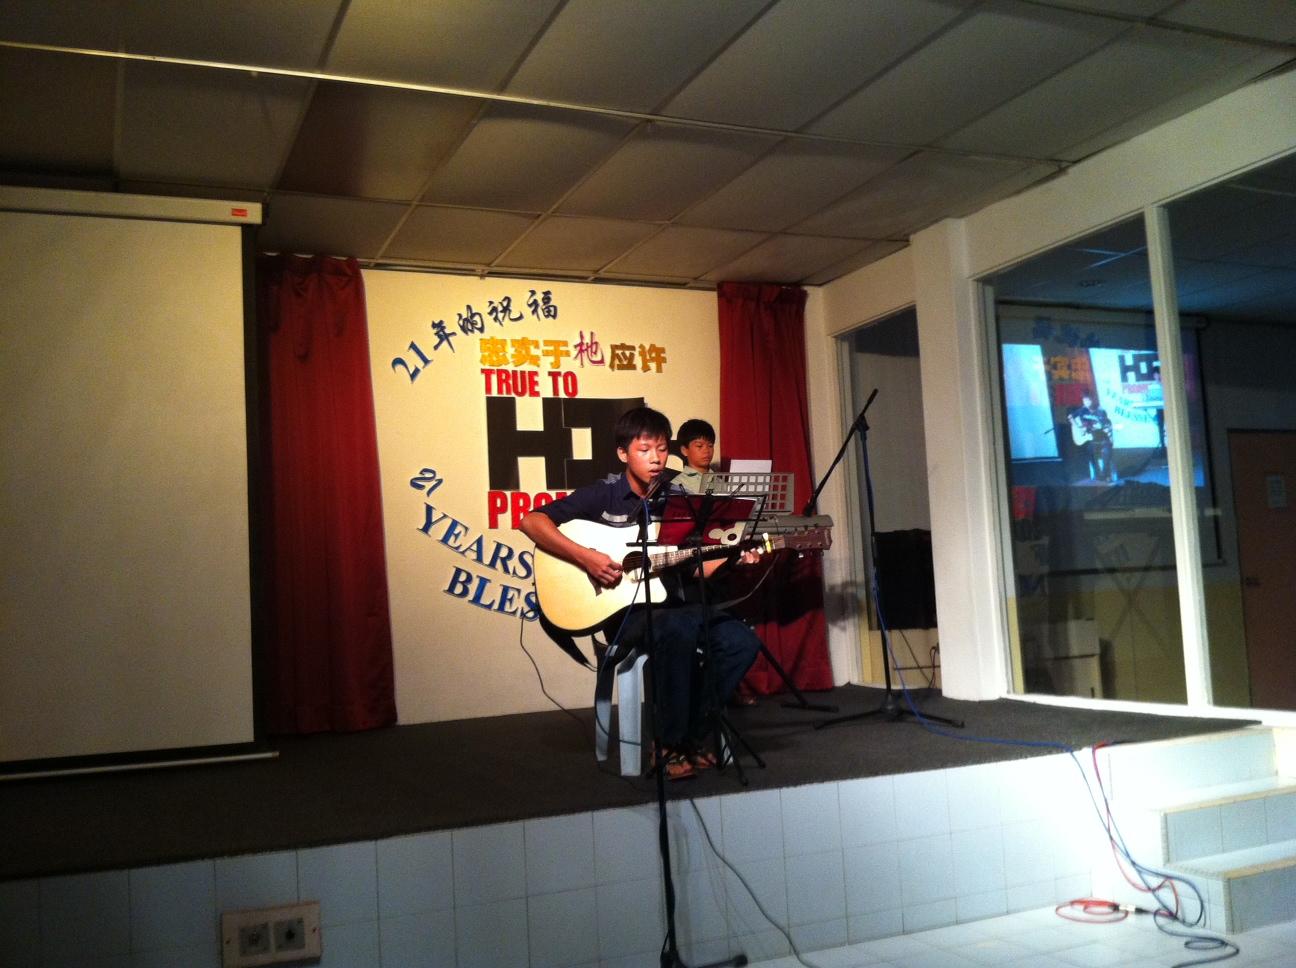 Jing Yong & Jing Yi performance